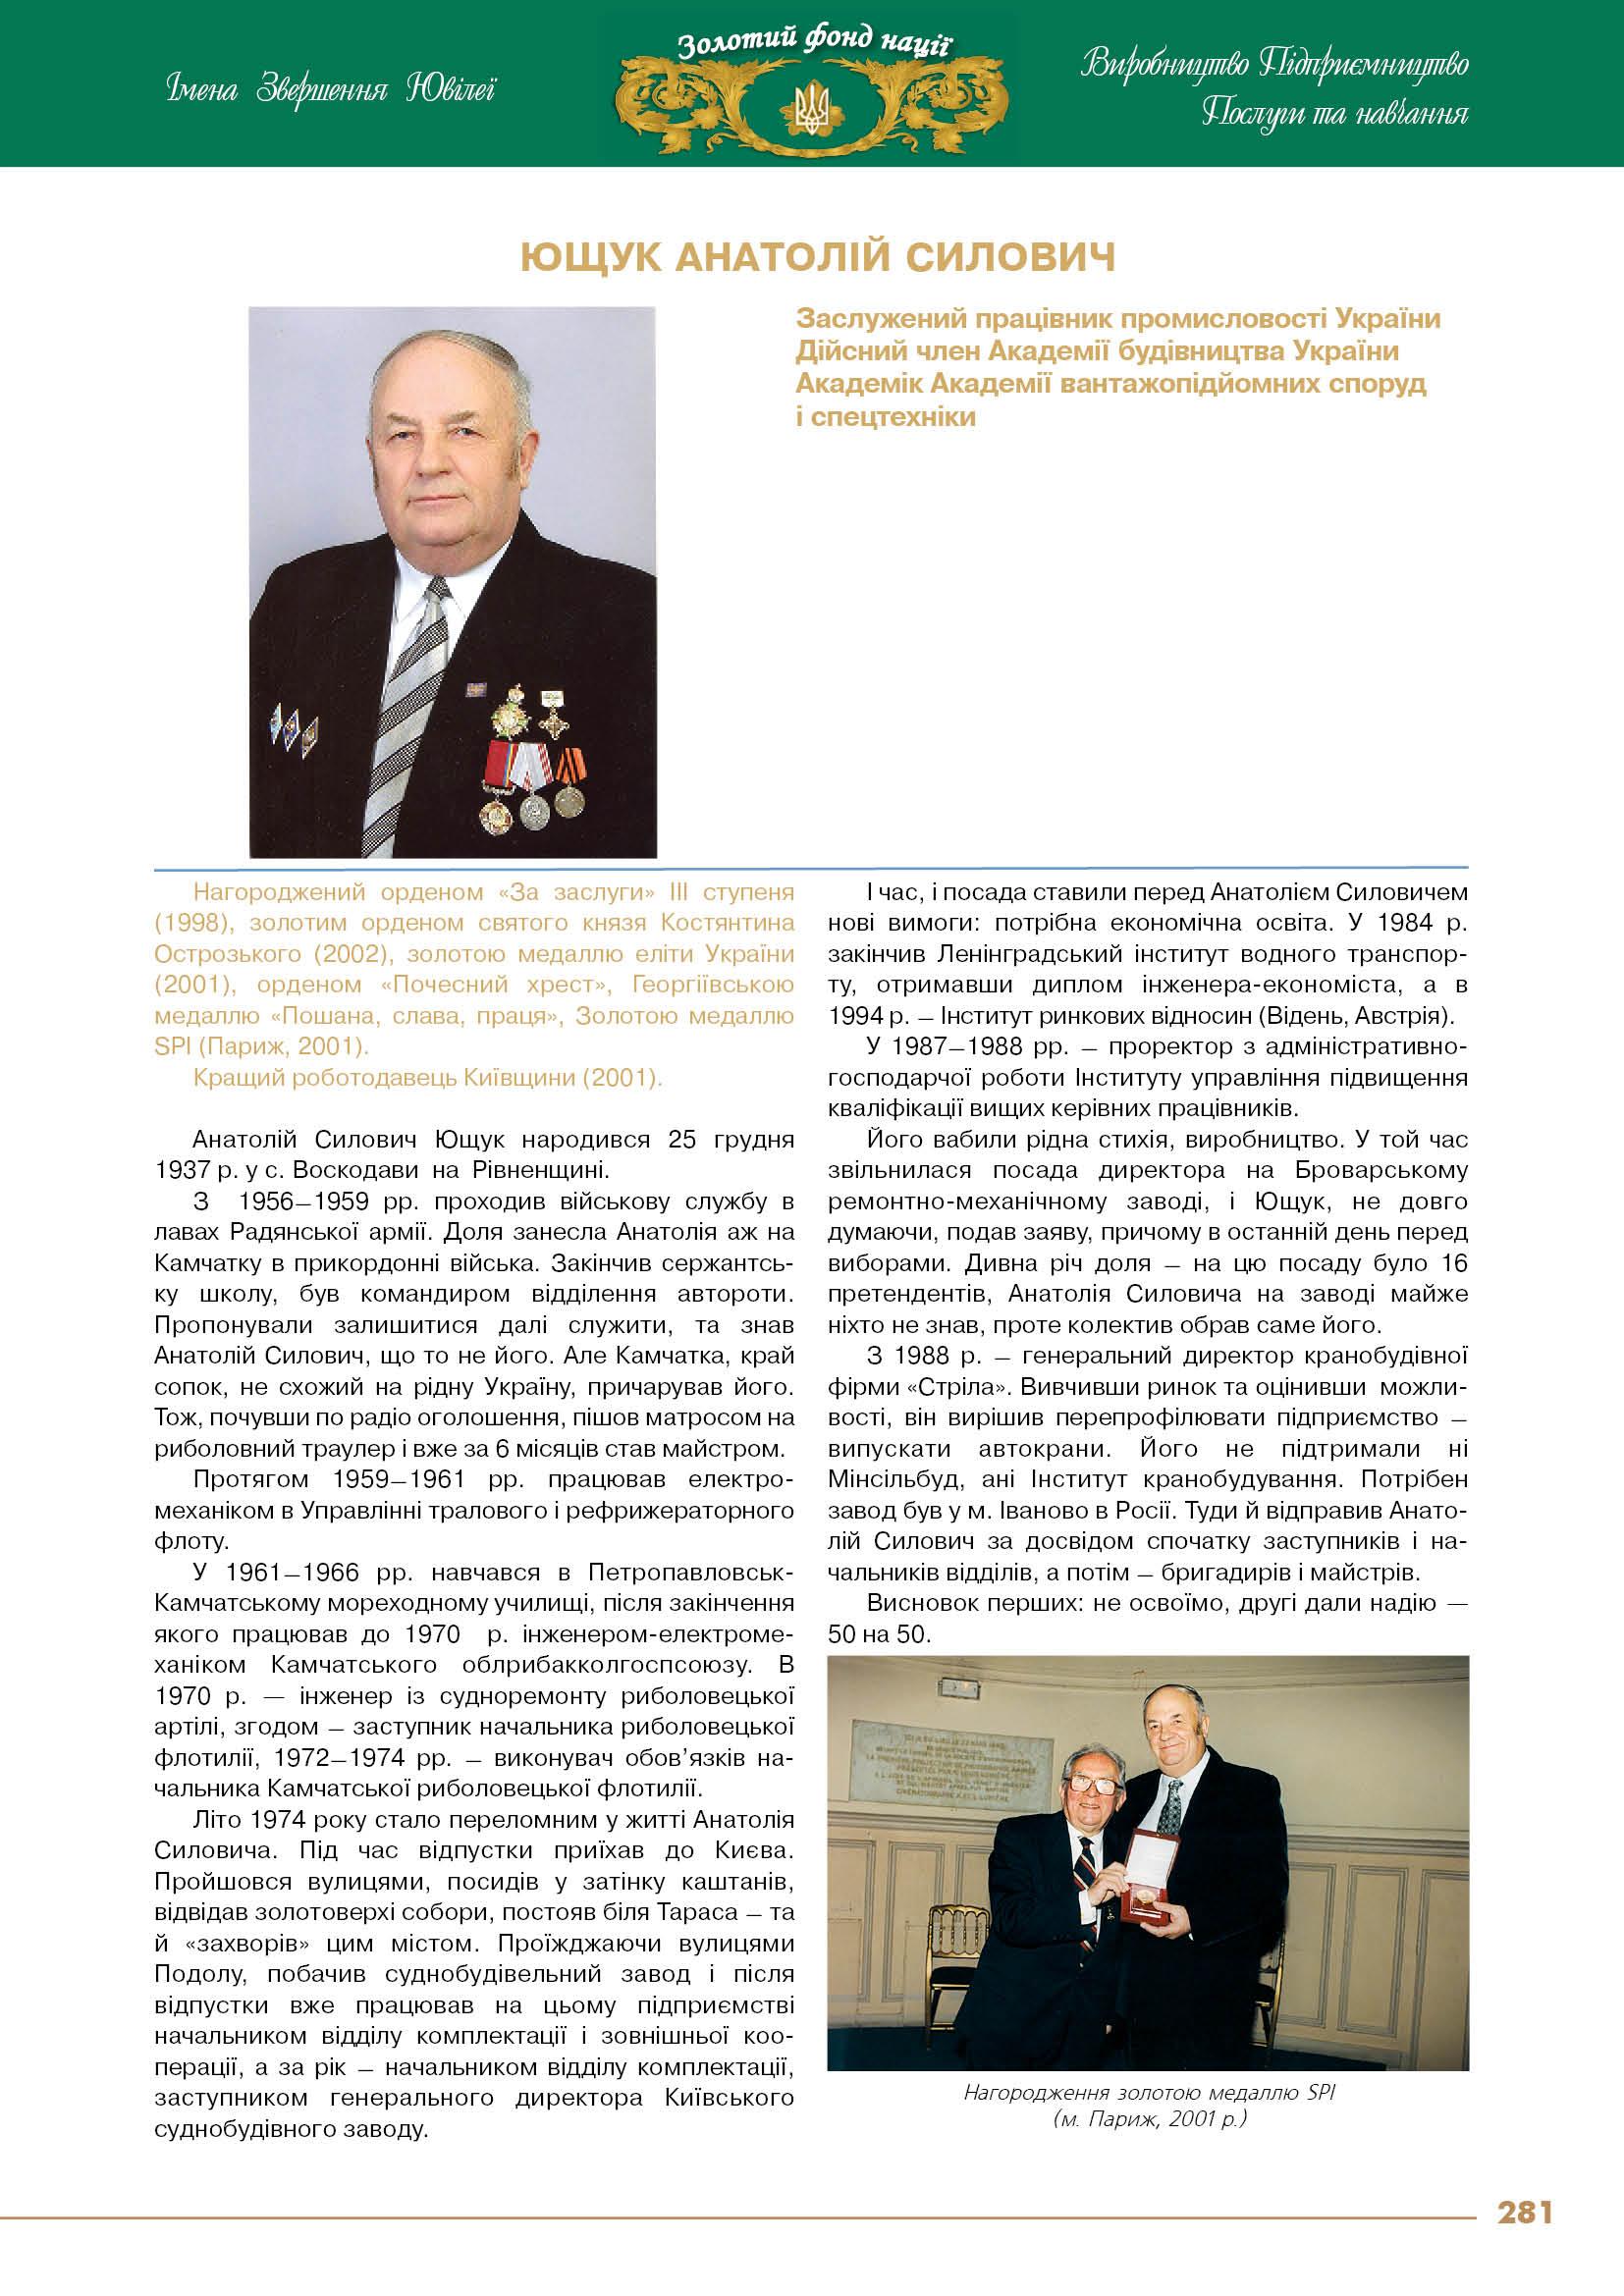 Ющук Анатолій Силович